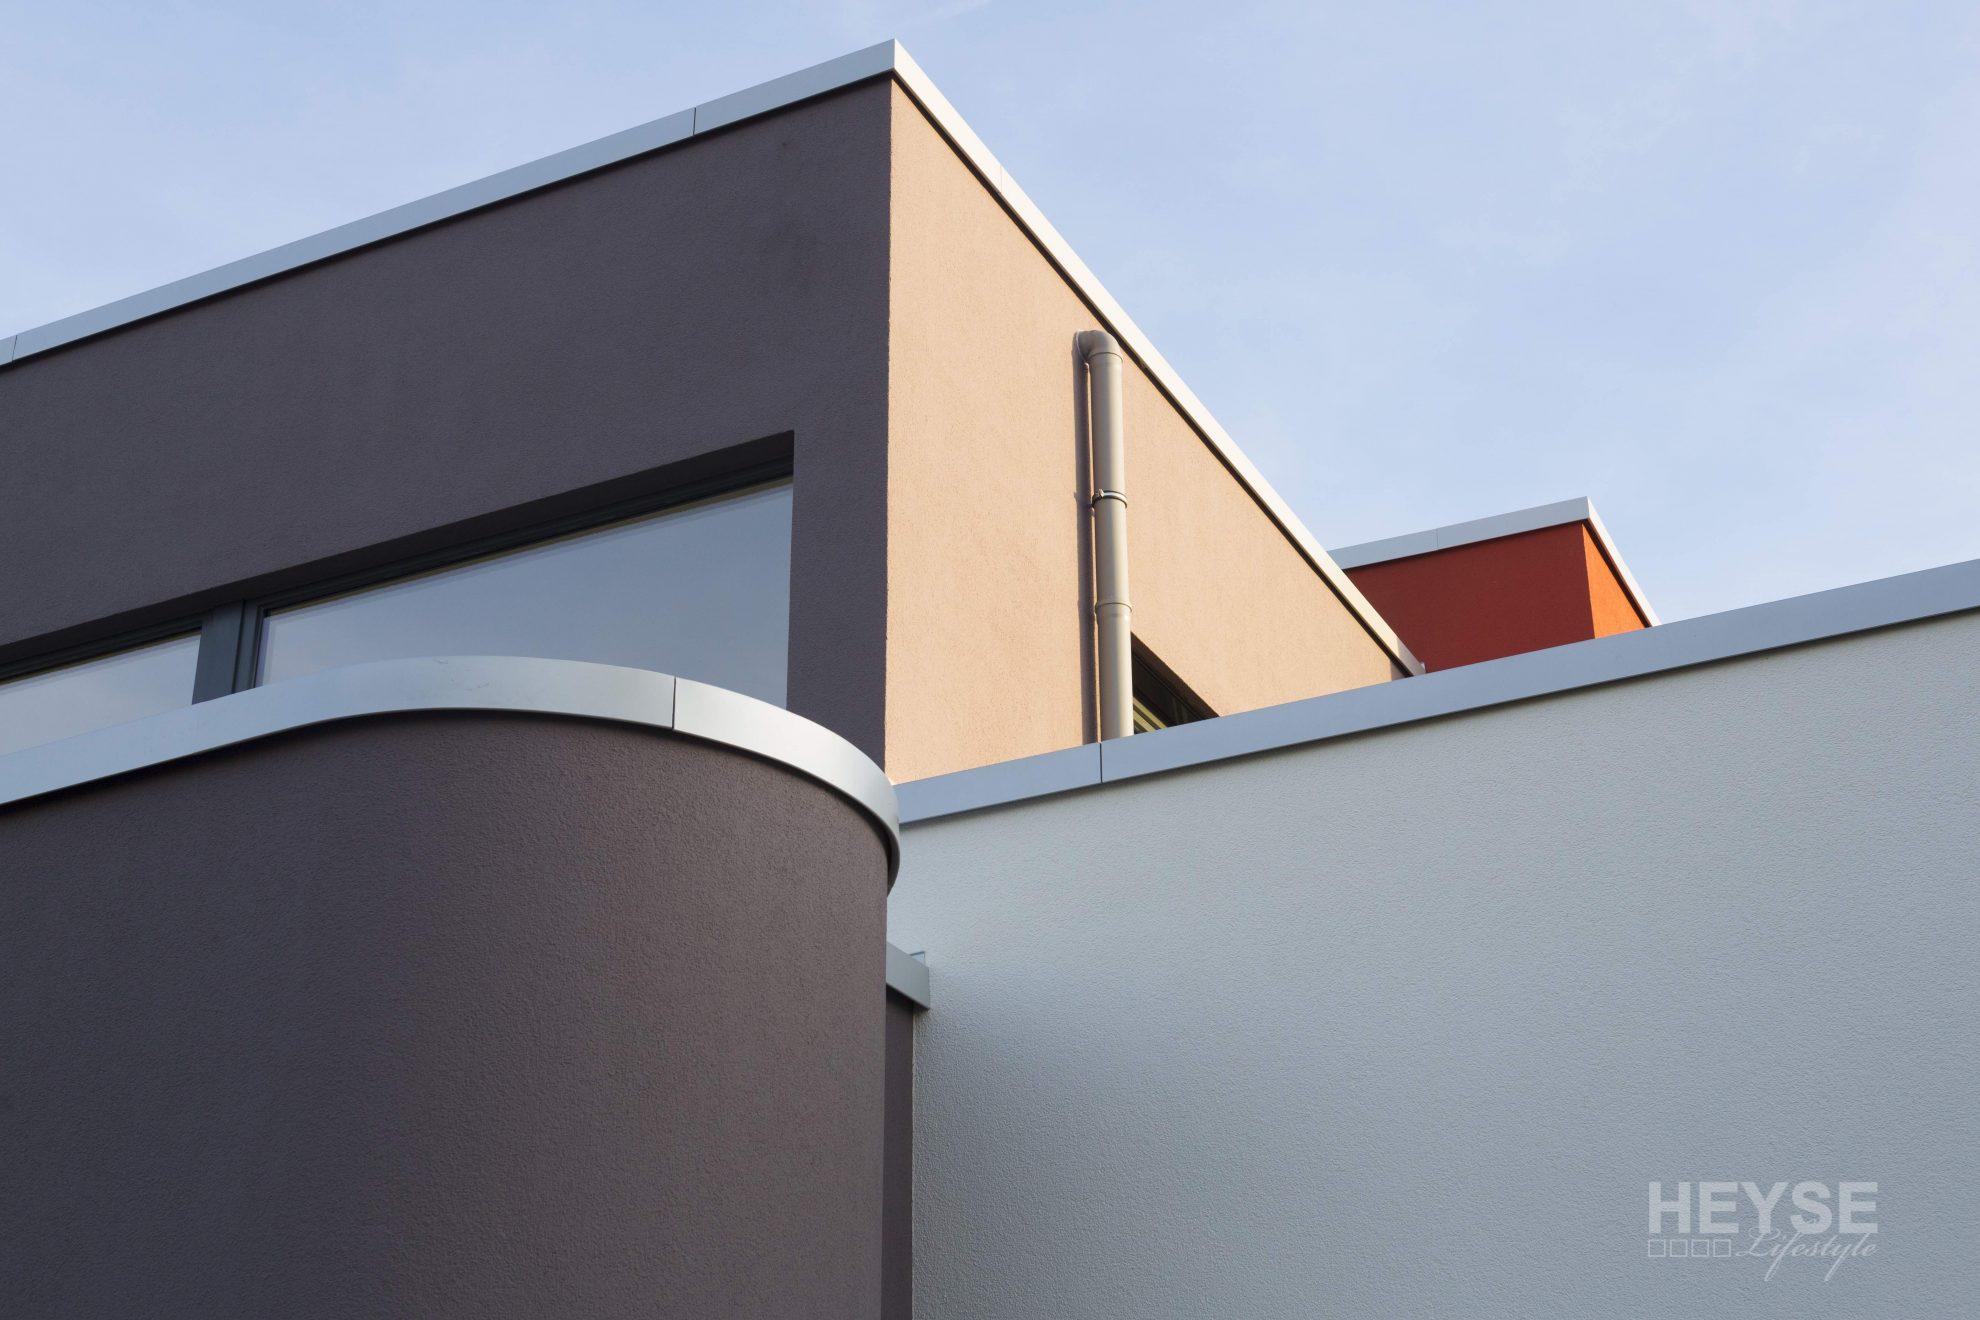 wohnhaus im bauhausstil anspruchsvolle w rmed mmung der fassade. Black Bedroom Furniture Sets. Home Design Ideas